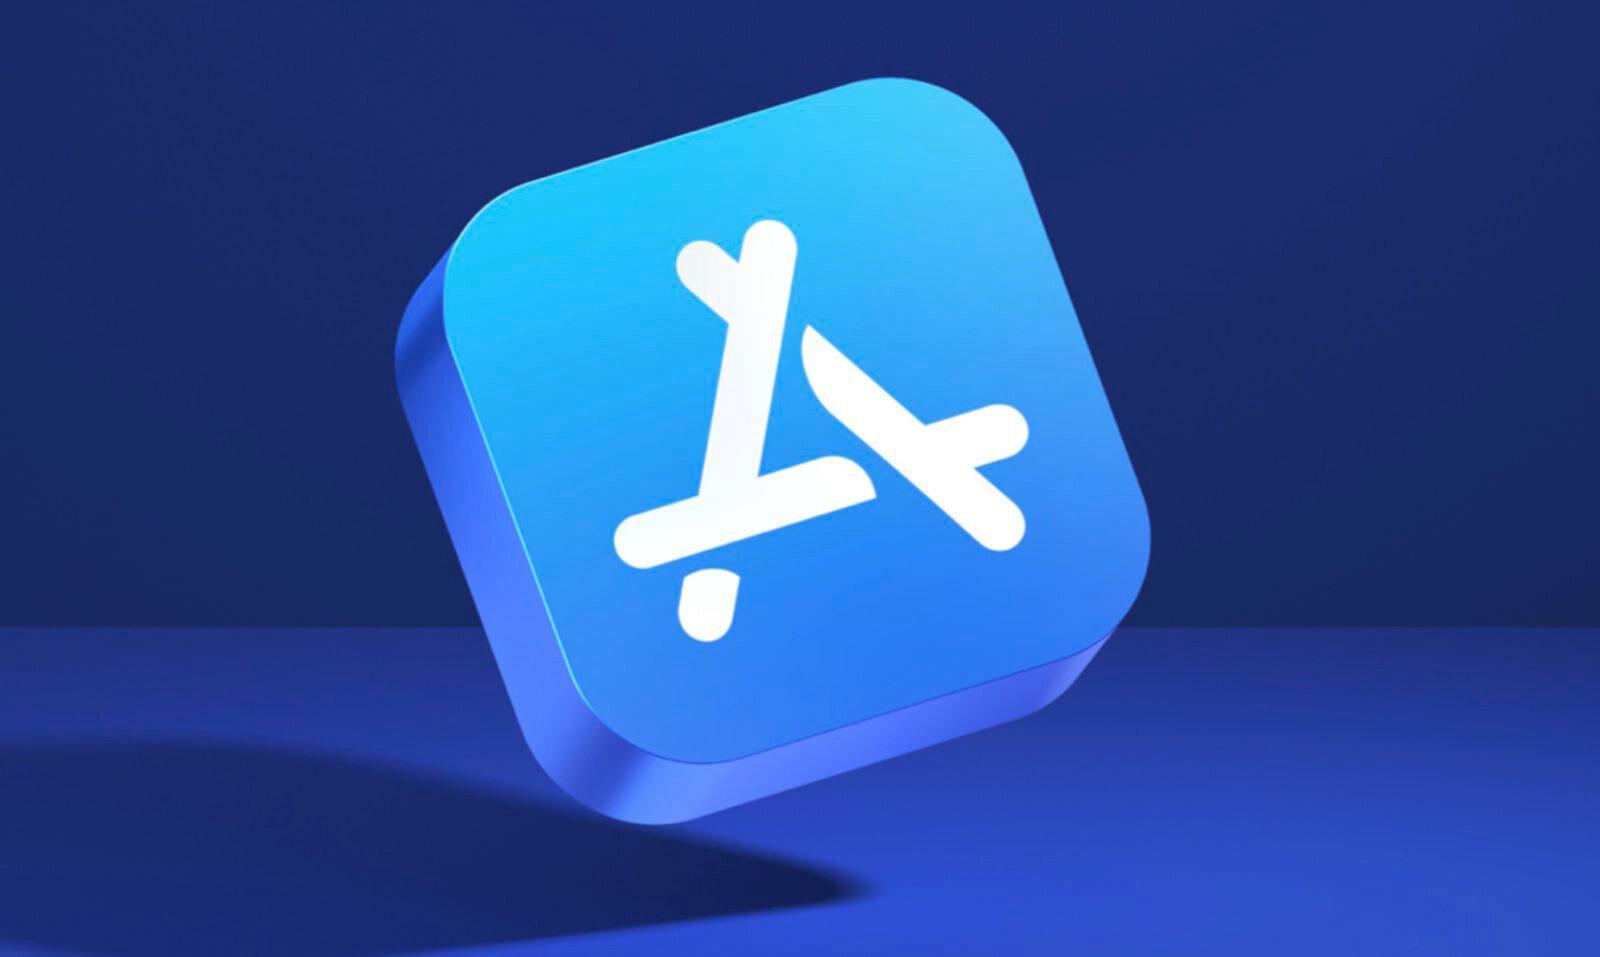 Apple, Android'in güvensiz olmasının sebebini büyük oranda APK ile indirilen market dışı uygulamalarda buluyor. Apple'ın uygulama marketi App Store'da bu tarz bir durum söz konusu değil.